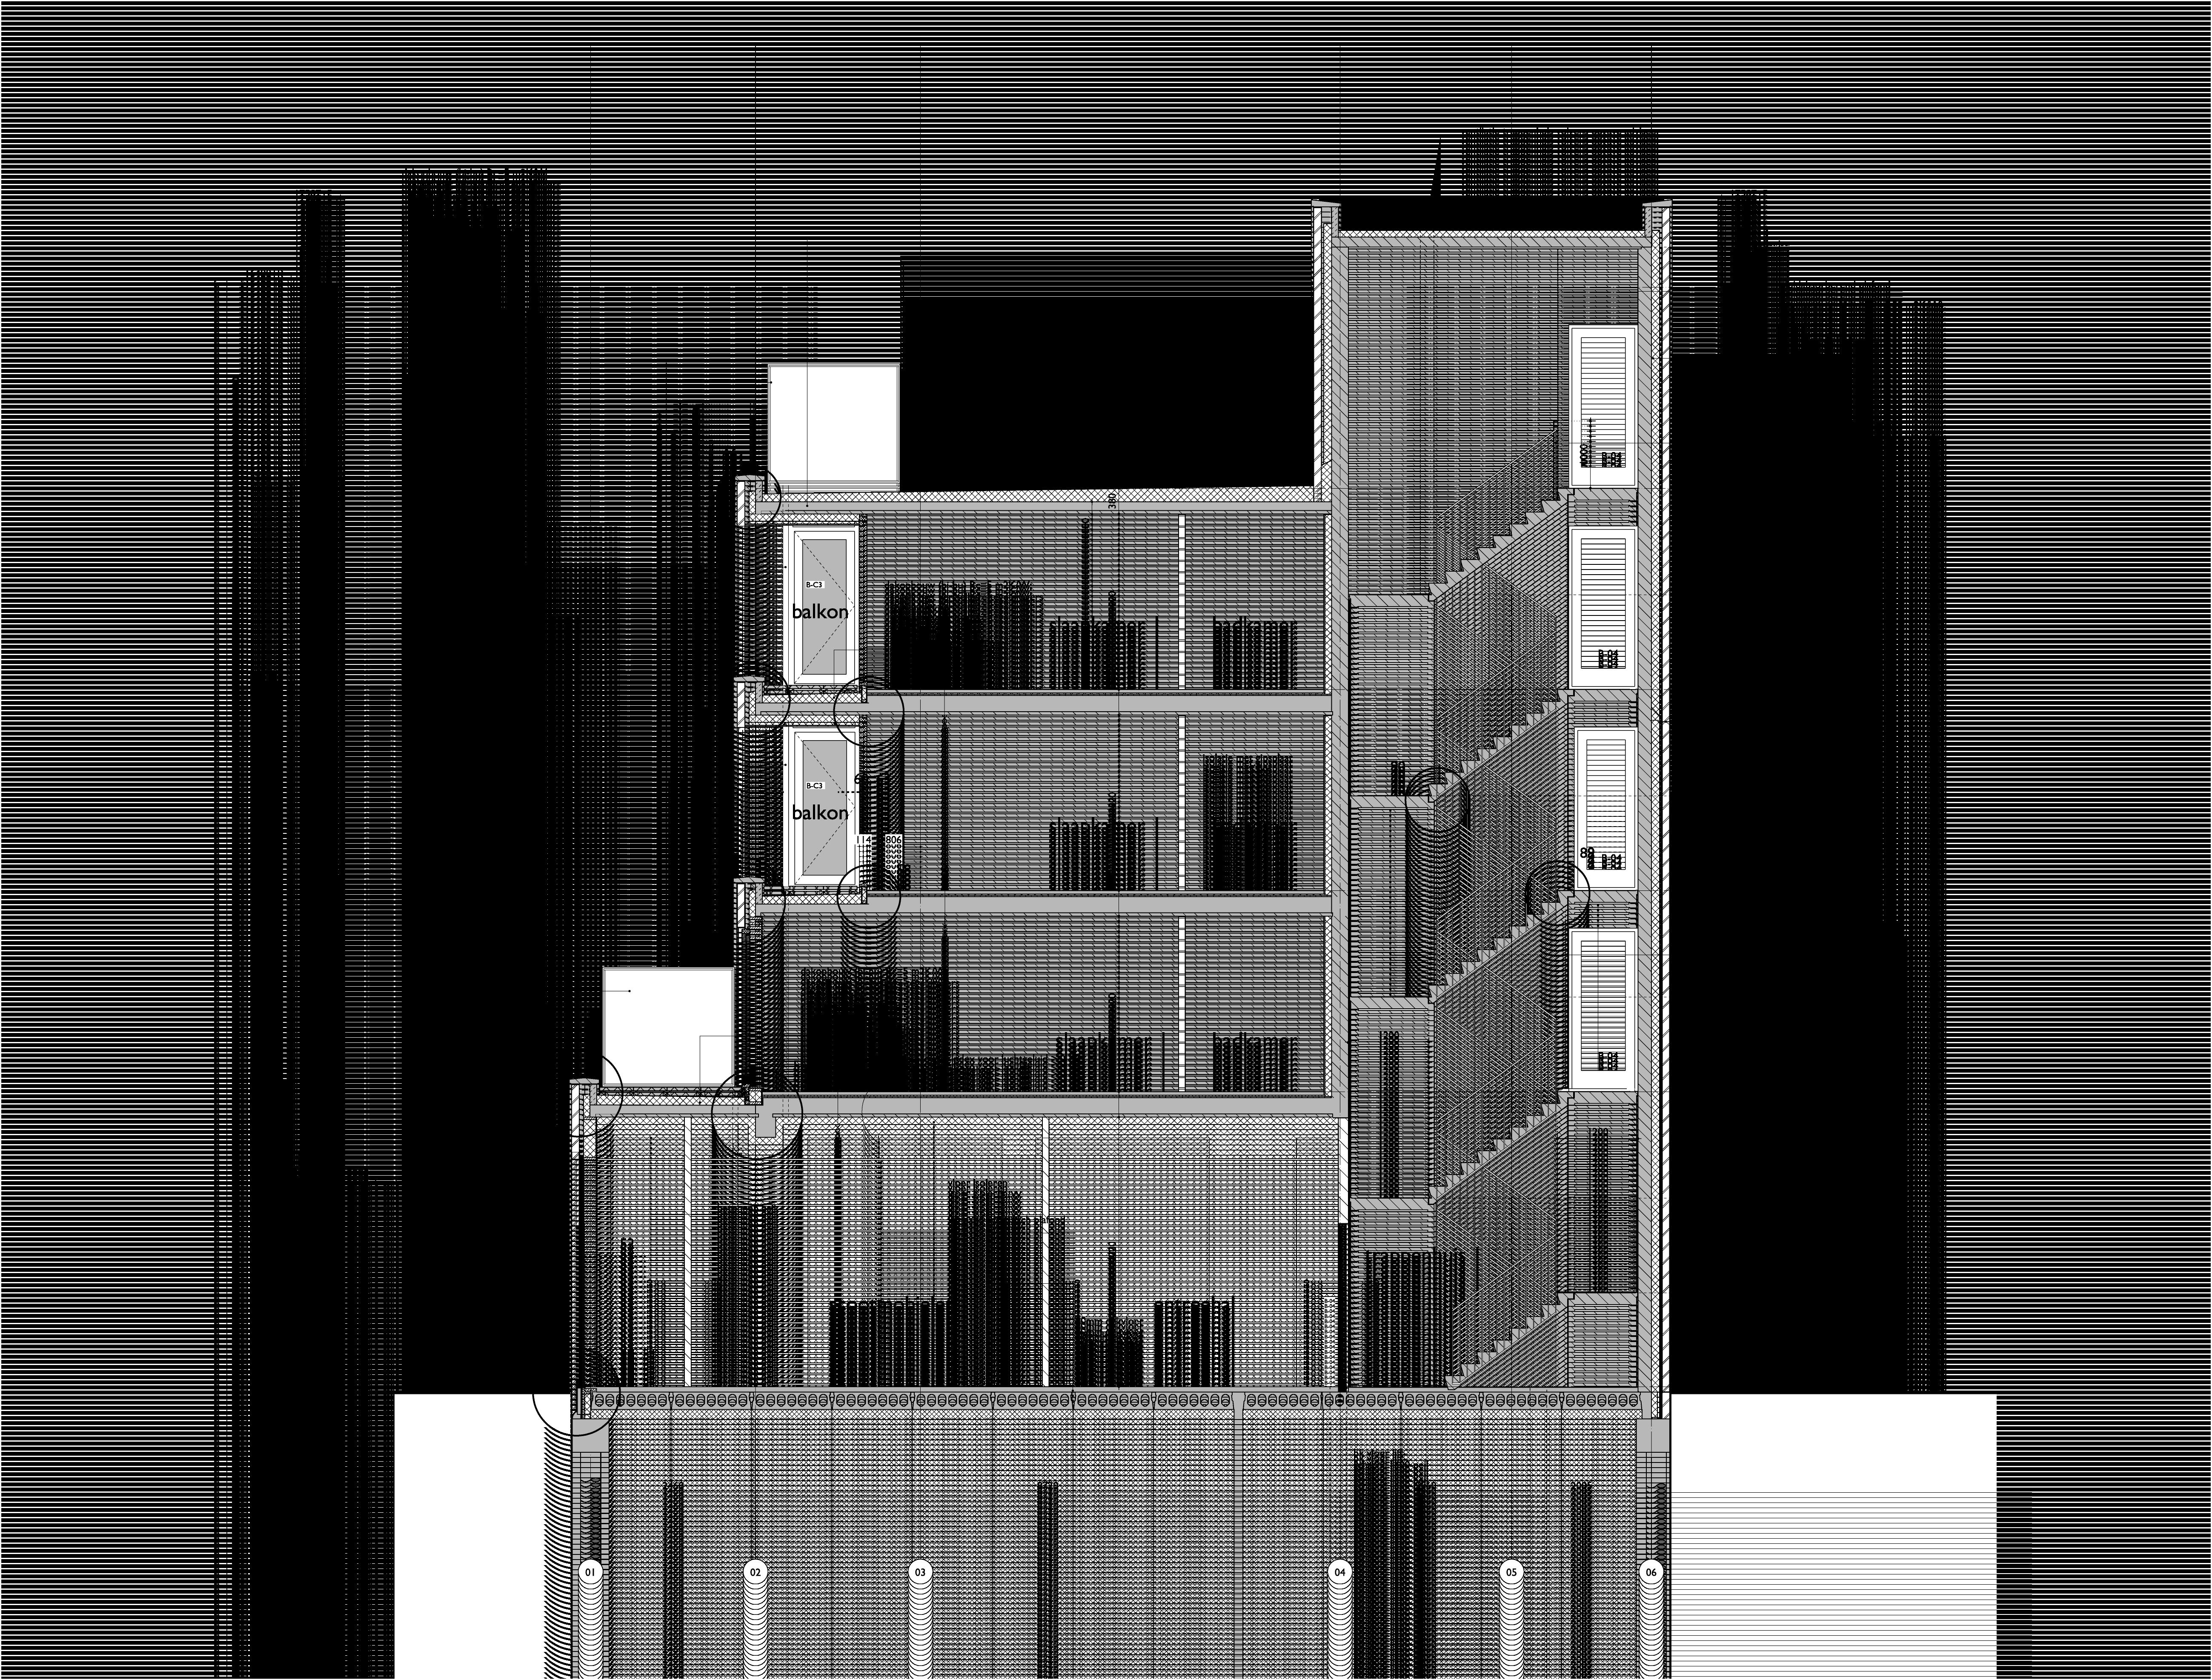 doorsnede hoogbouw